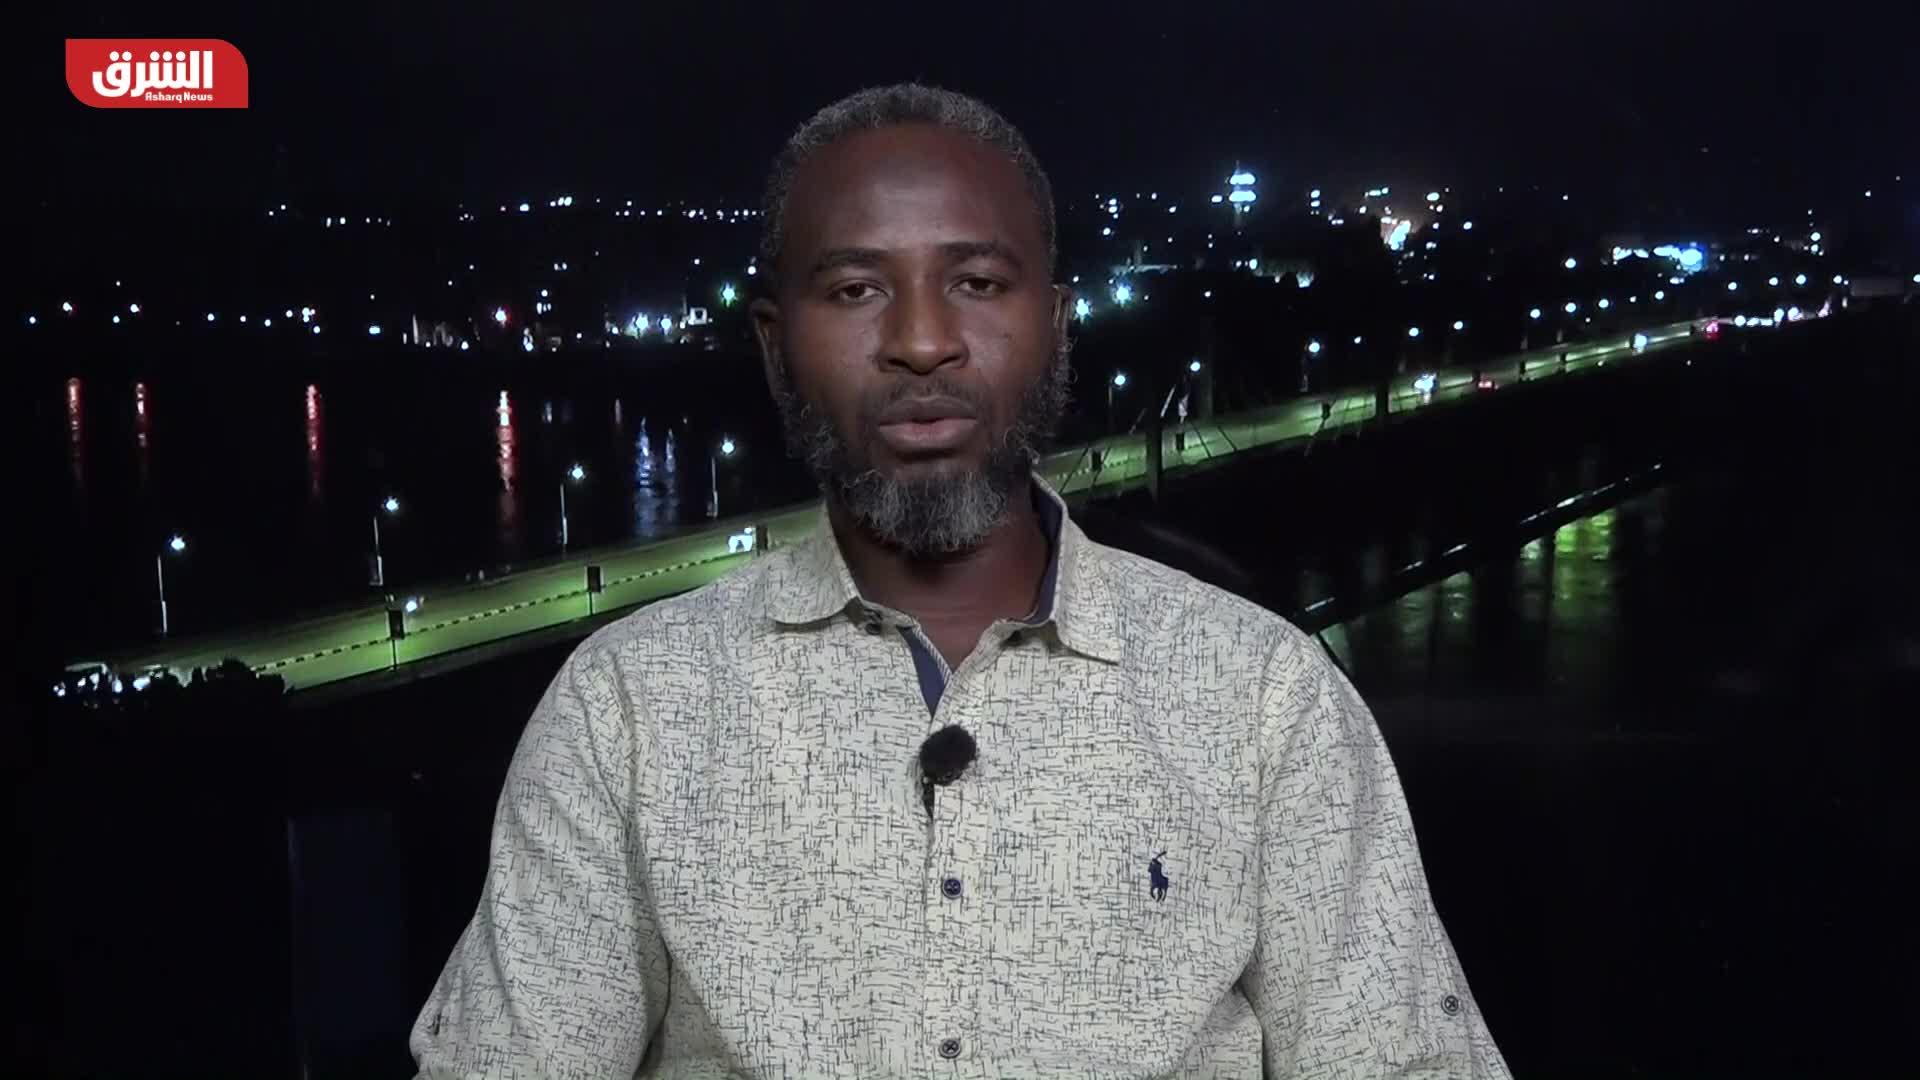 هل المراجعة في السودان تفضي إلى خطط تحقق الاستقرار الاقتصادي والنقدي؟